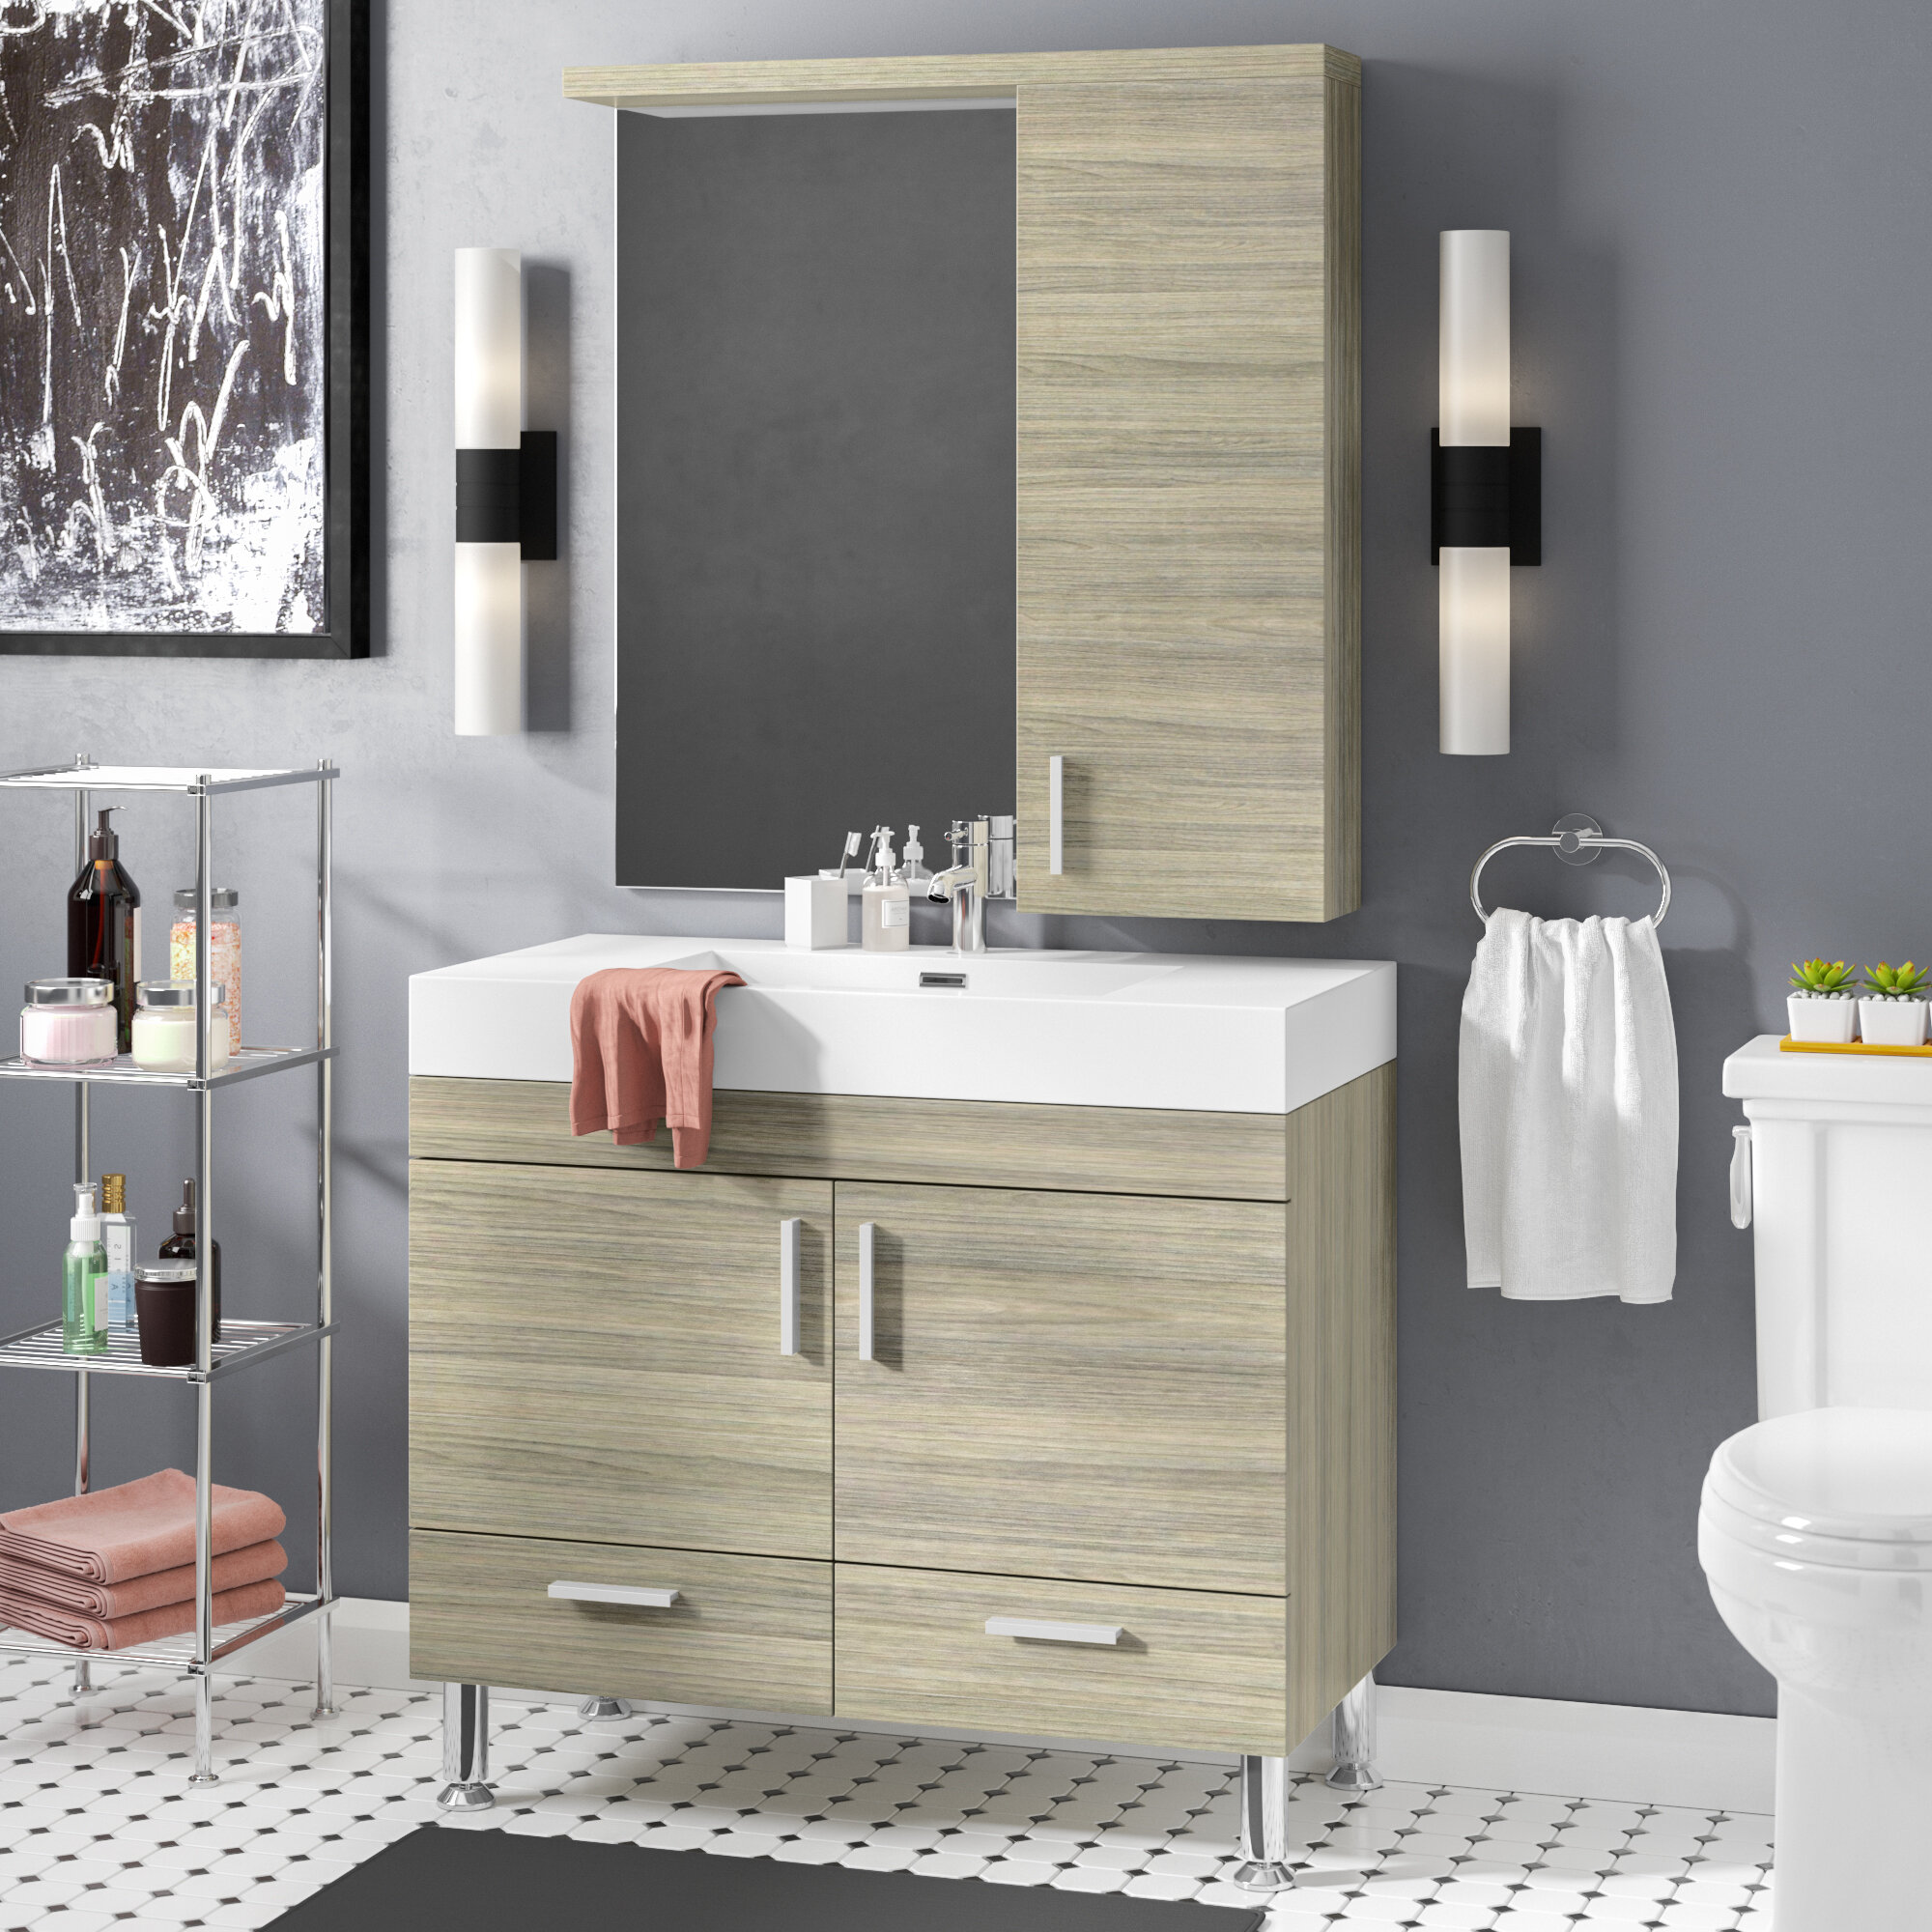 Wade logan waldwick 36 single modern bathroom vanity set with mirror reviews wayfair